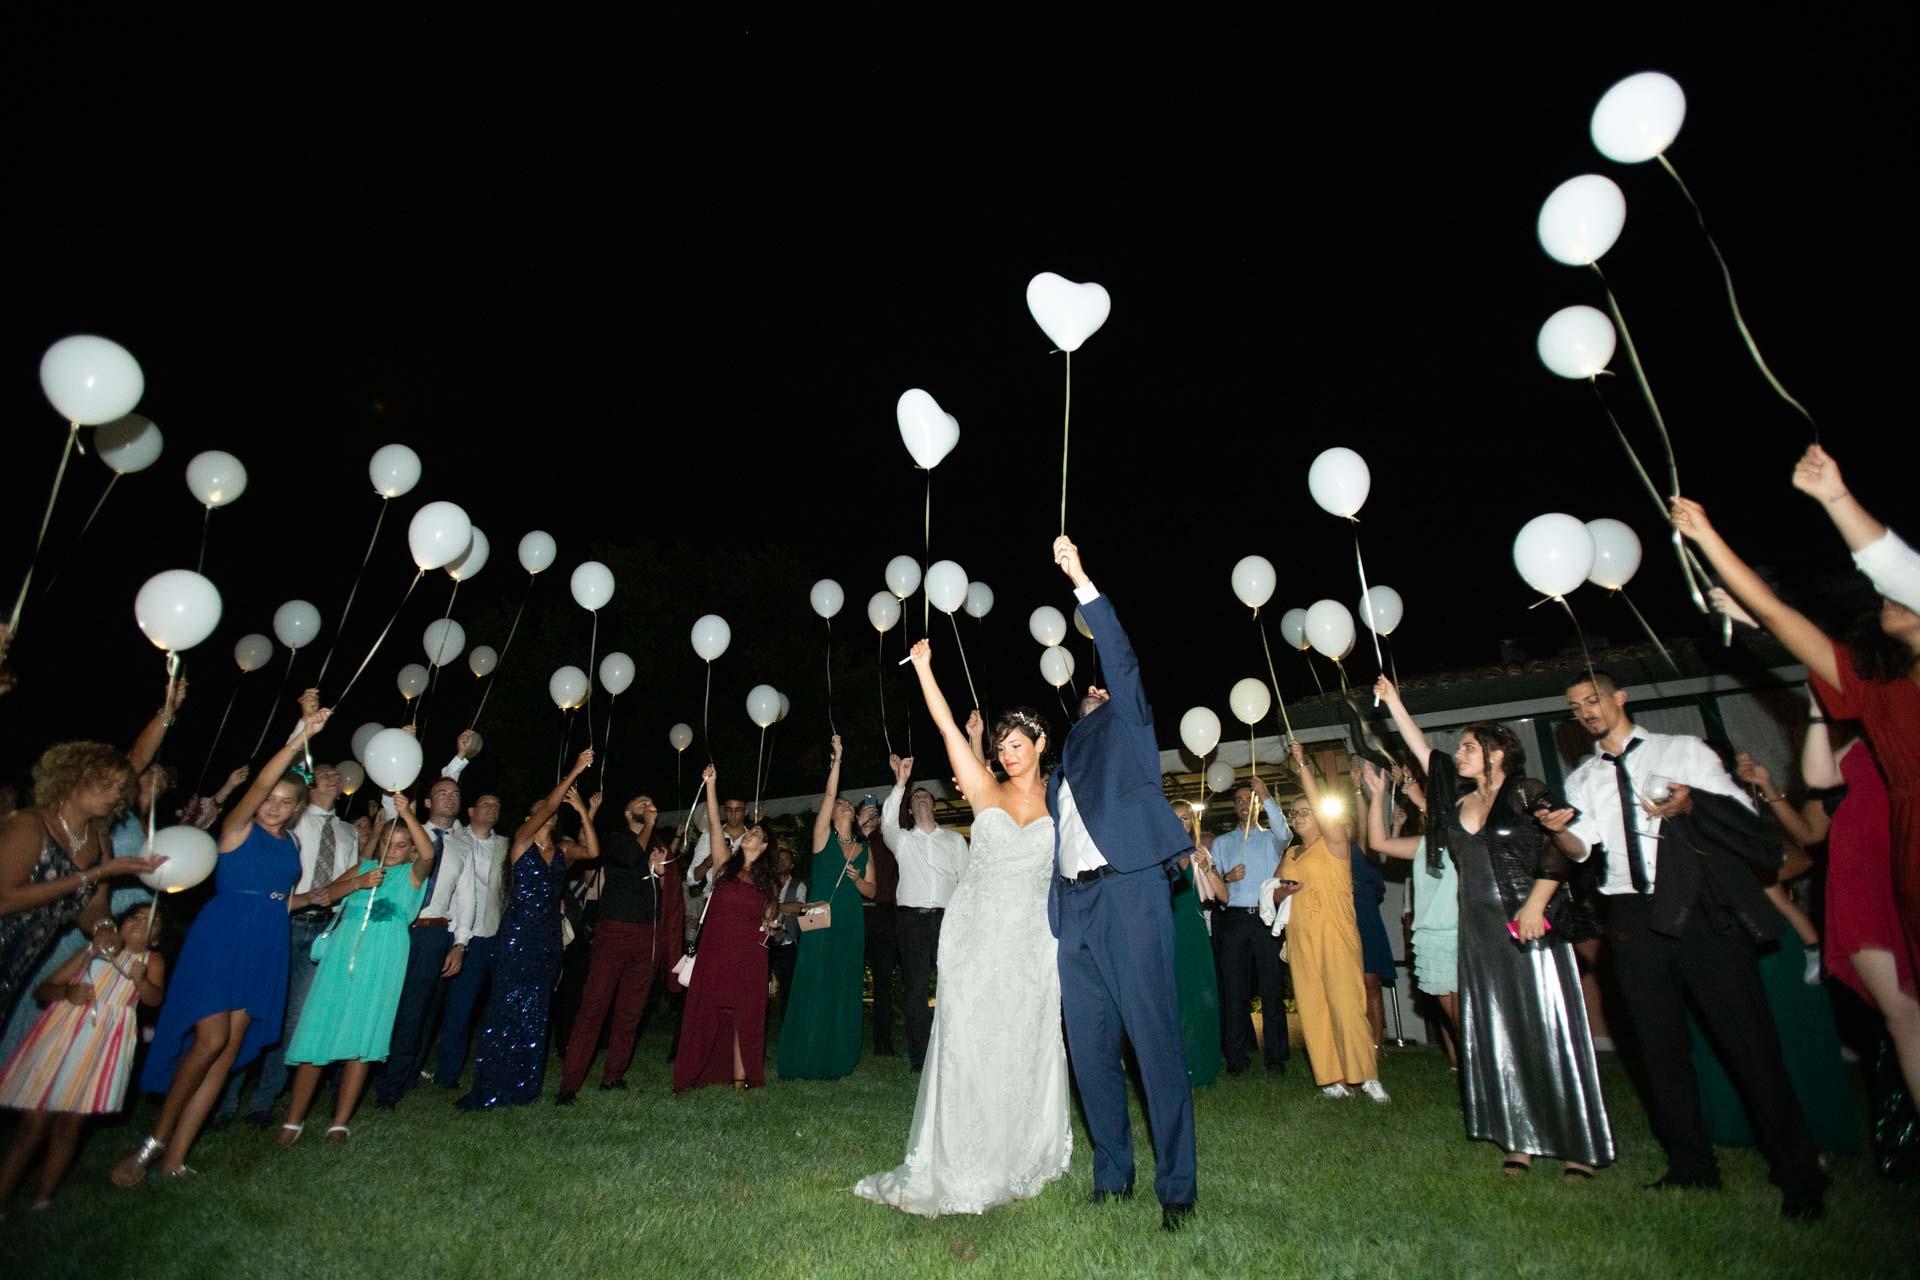 matrimonio sposi invitati ricevimento palloncini